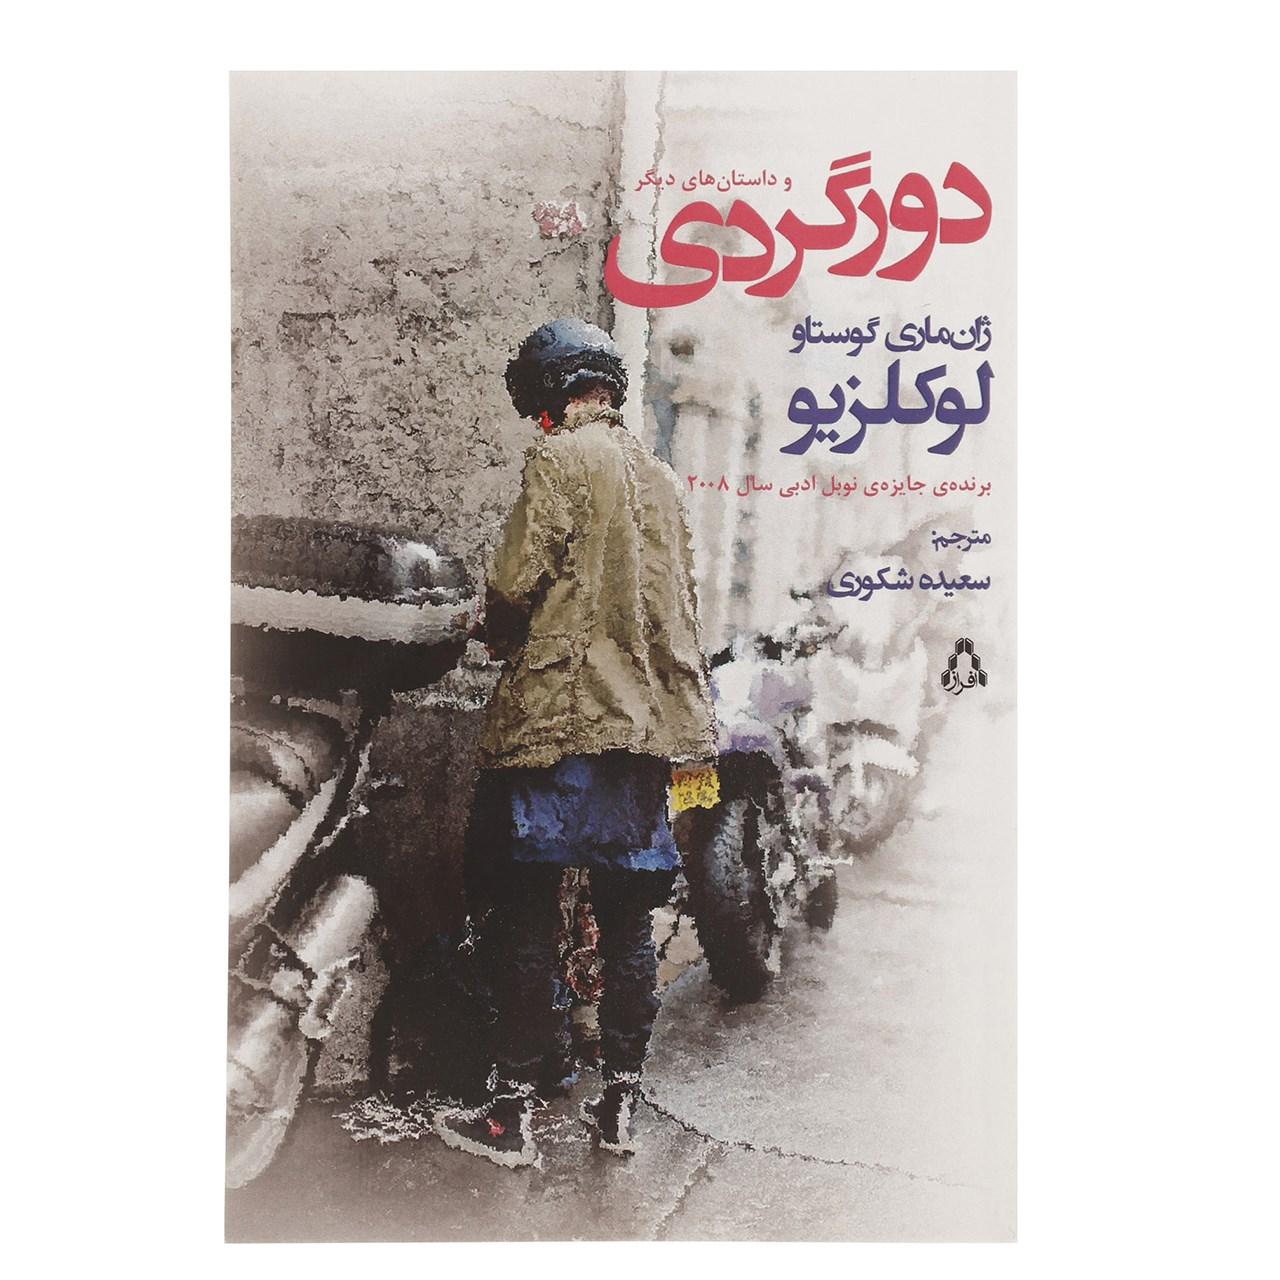 کتاب دورگردی و داستان های دیگر اثر ژان ماری گوستاو لوکلزیو